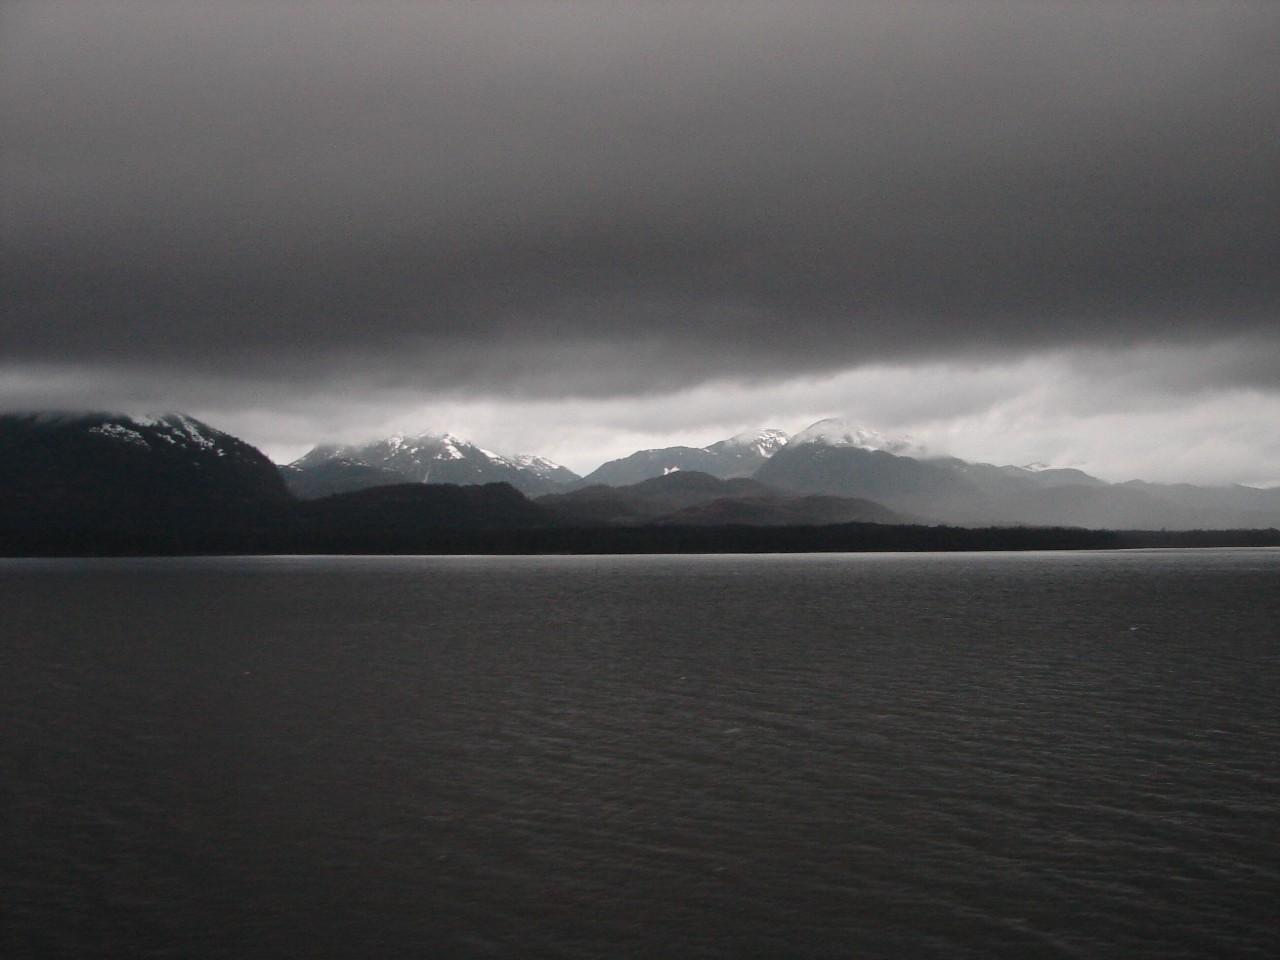 Alaska Shoreline at Dusk